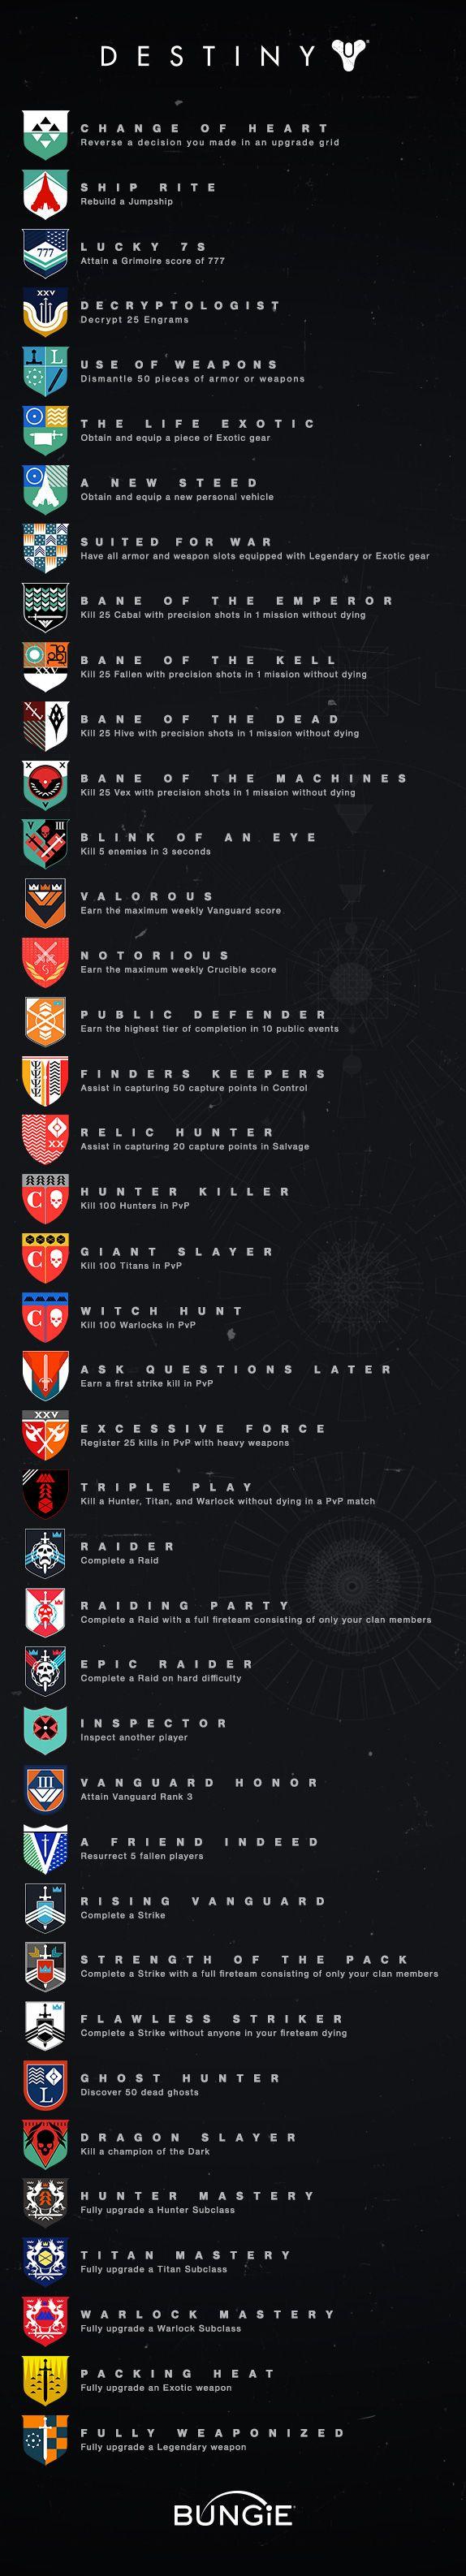 destiny_trophies_achievements